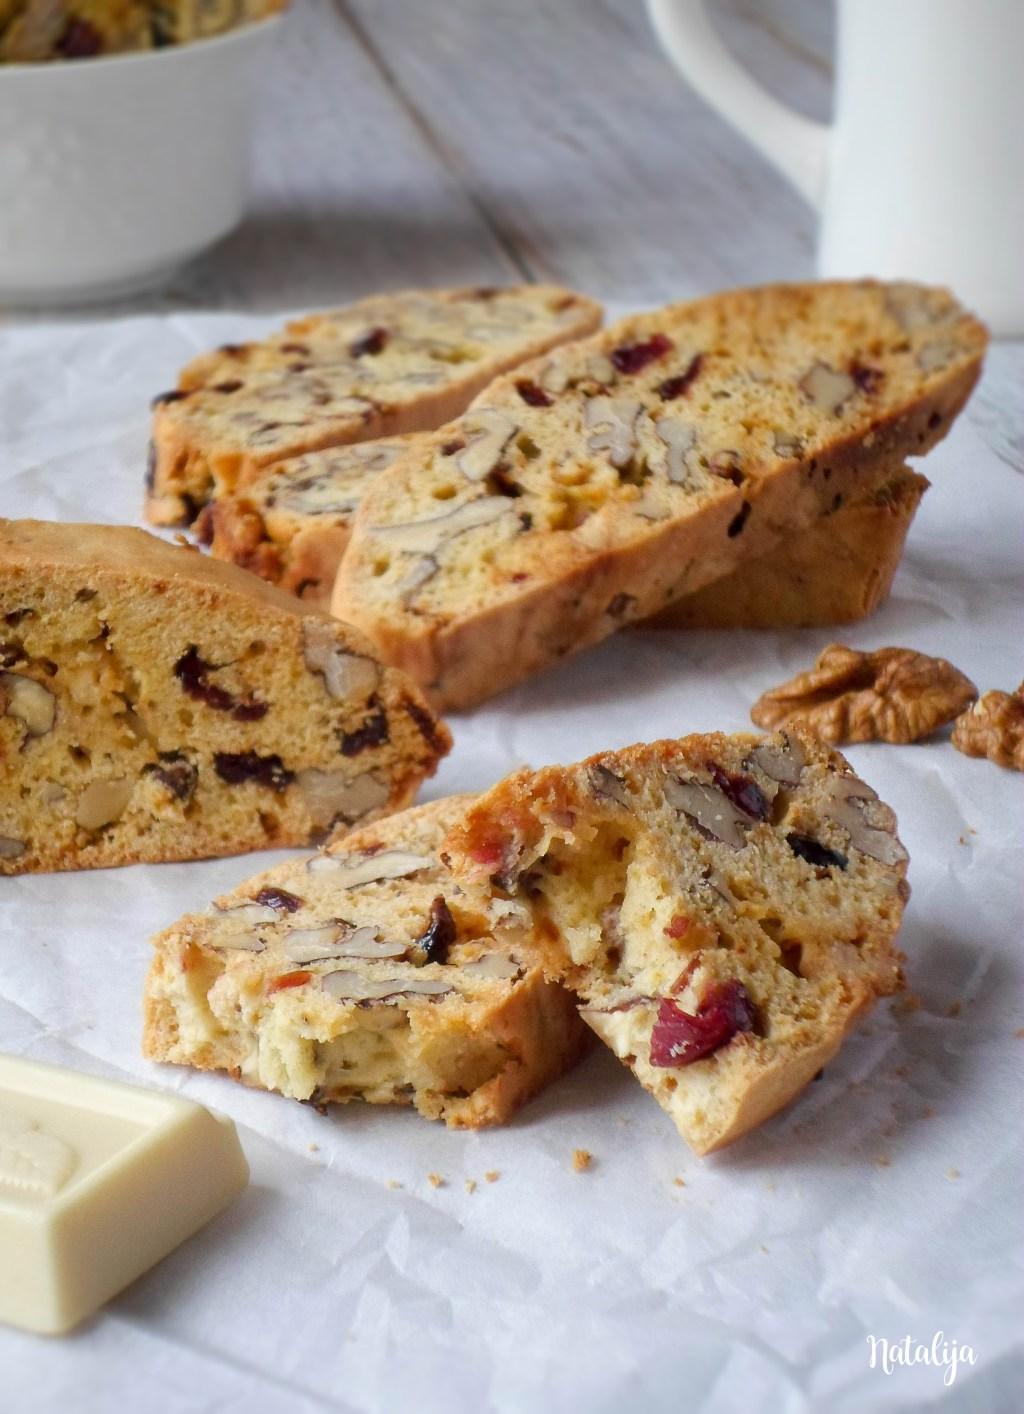 Biscotti - italijanski keks sa belom čokoladom, brusnicama i orasima